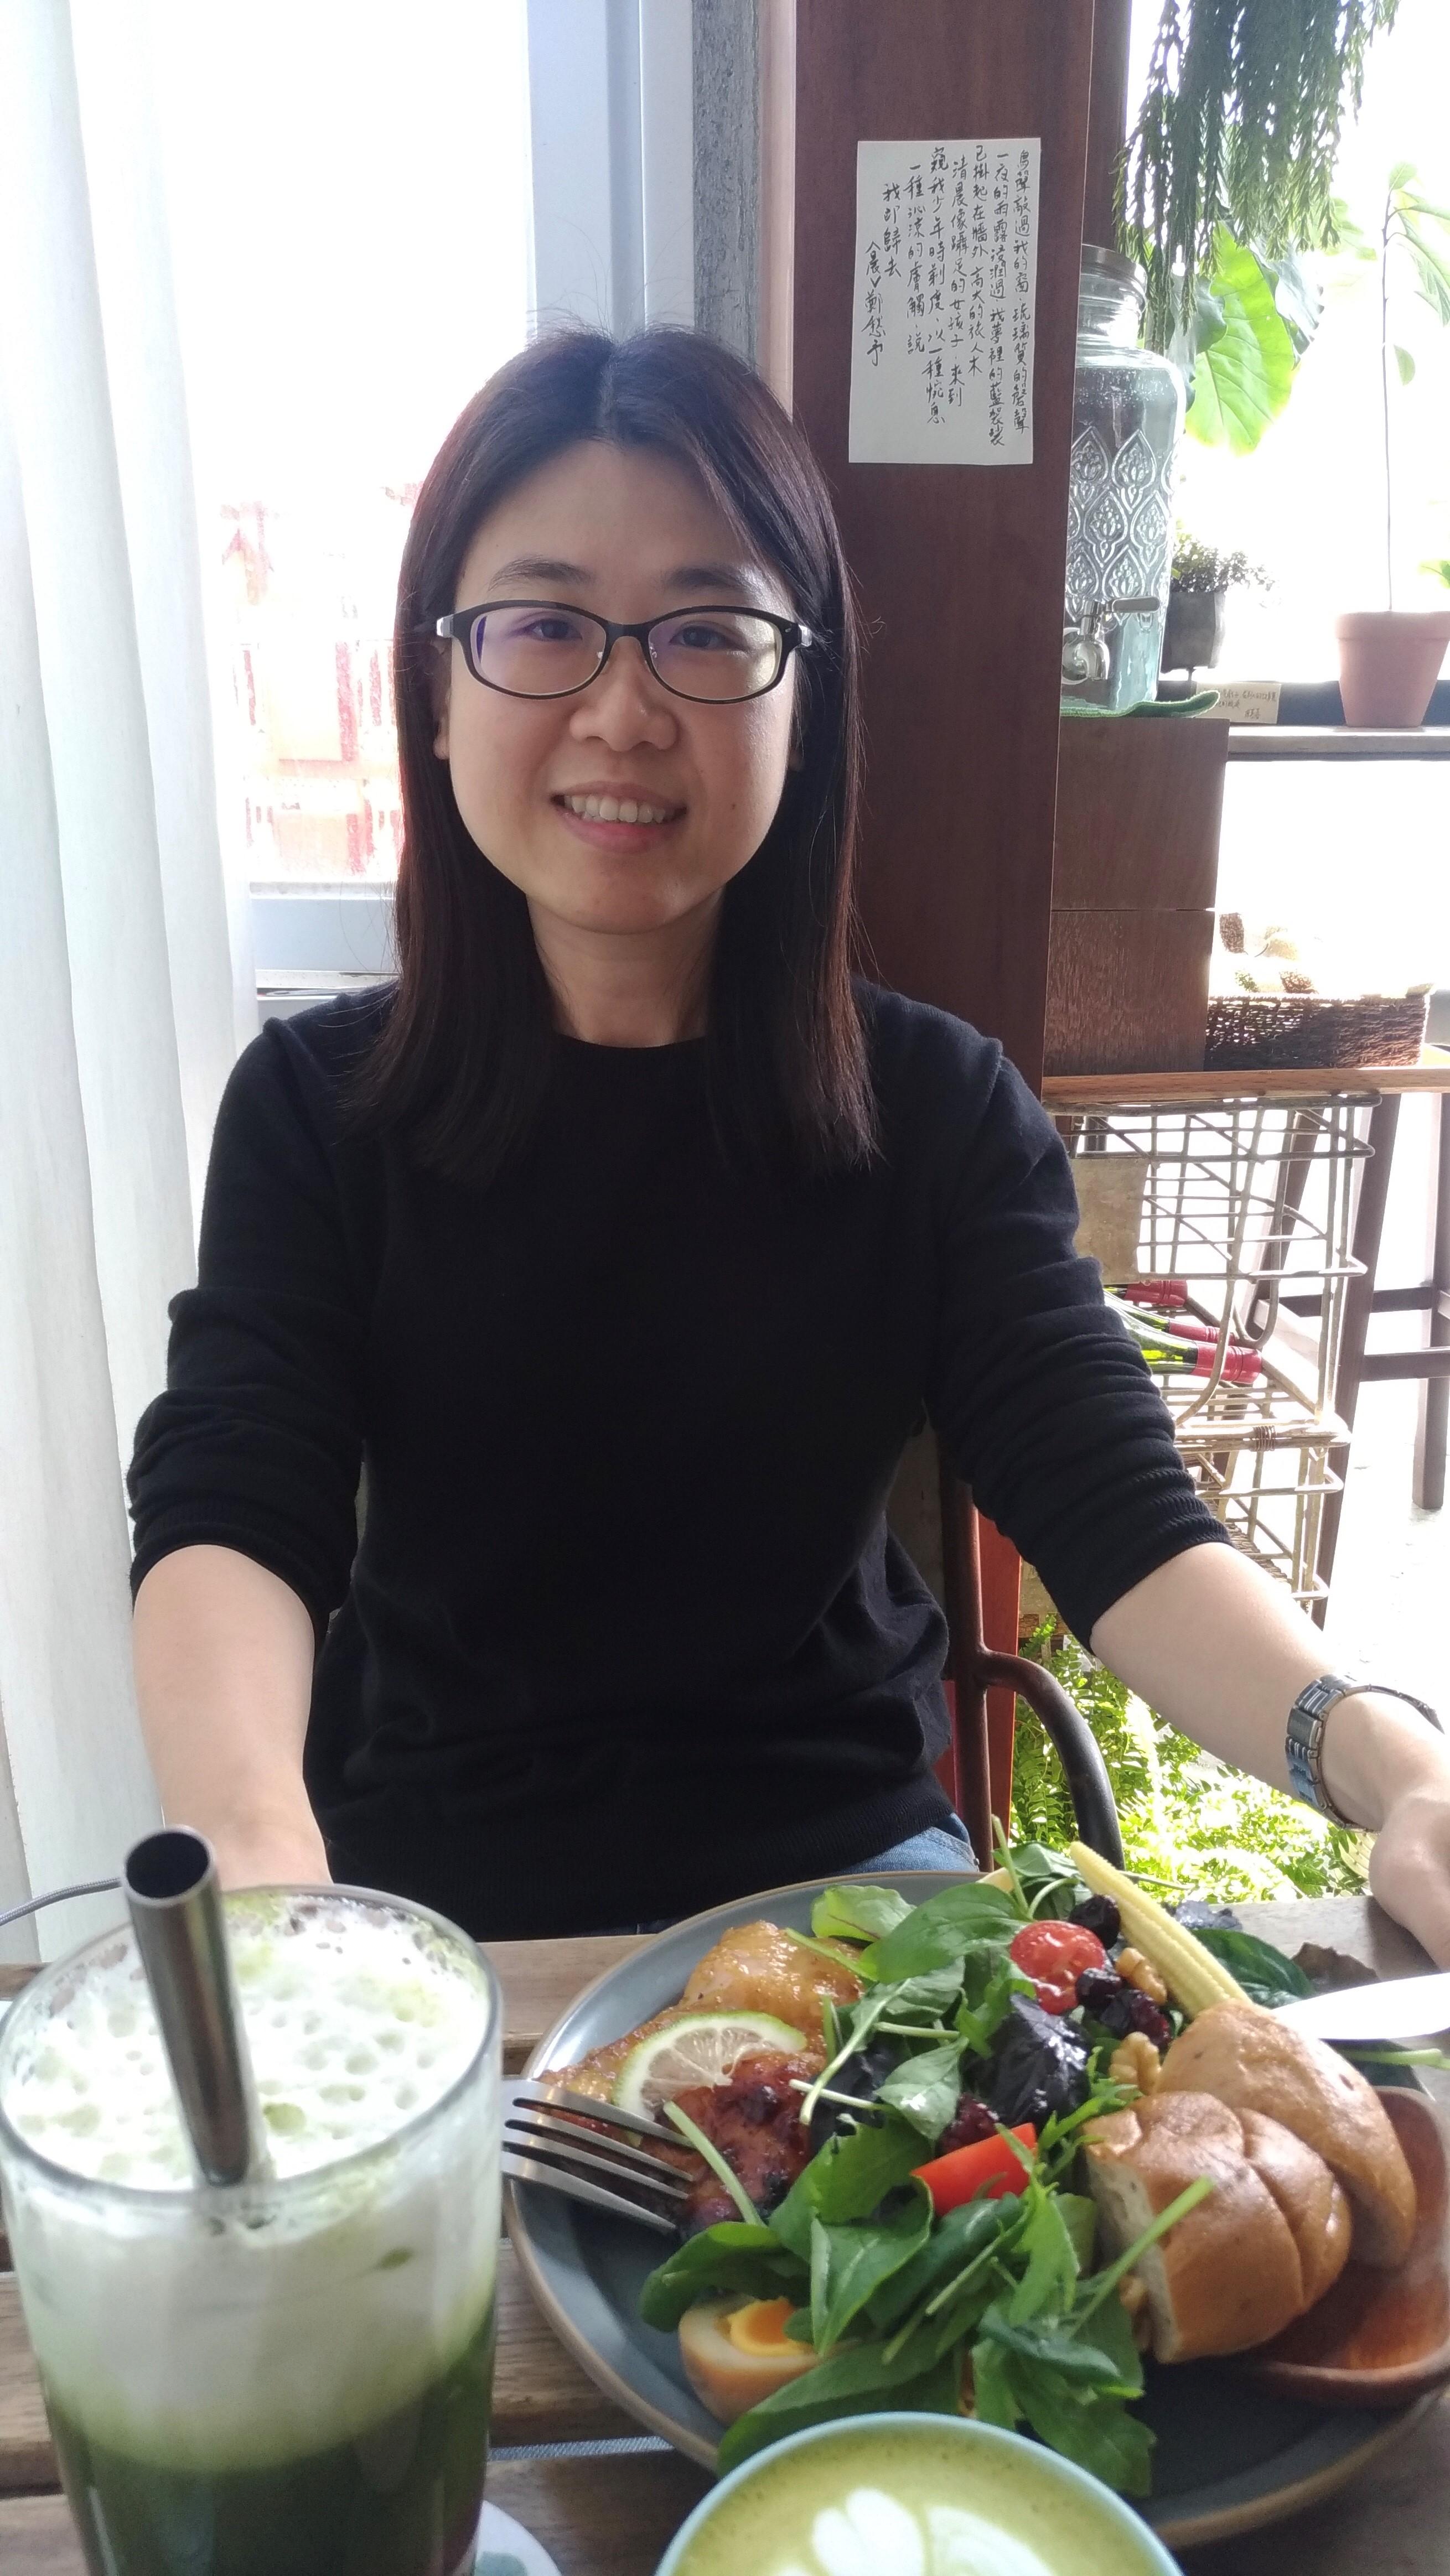 教師 「張琬瑩」老師照片